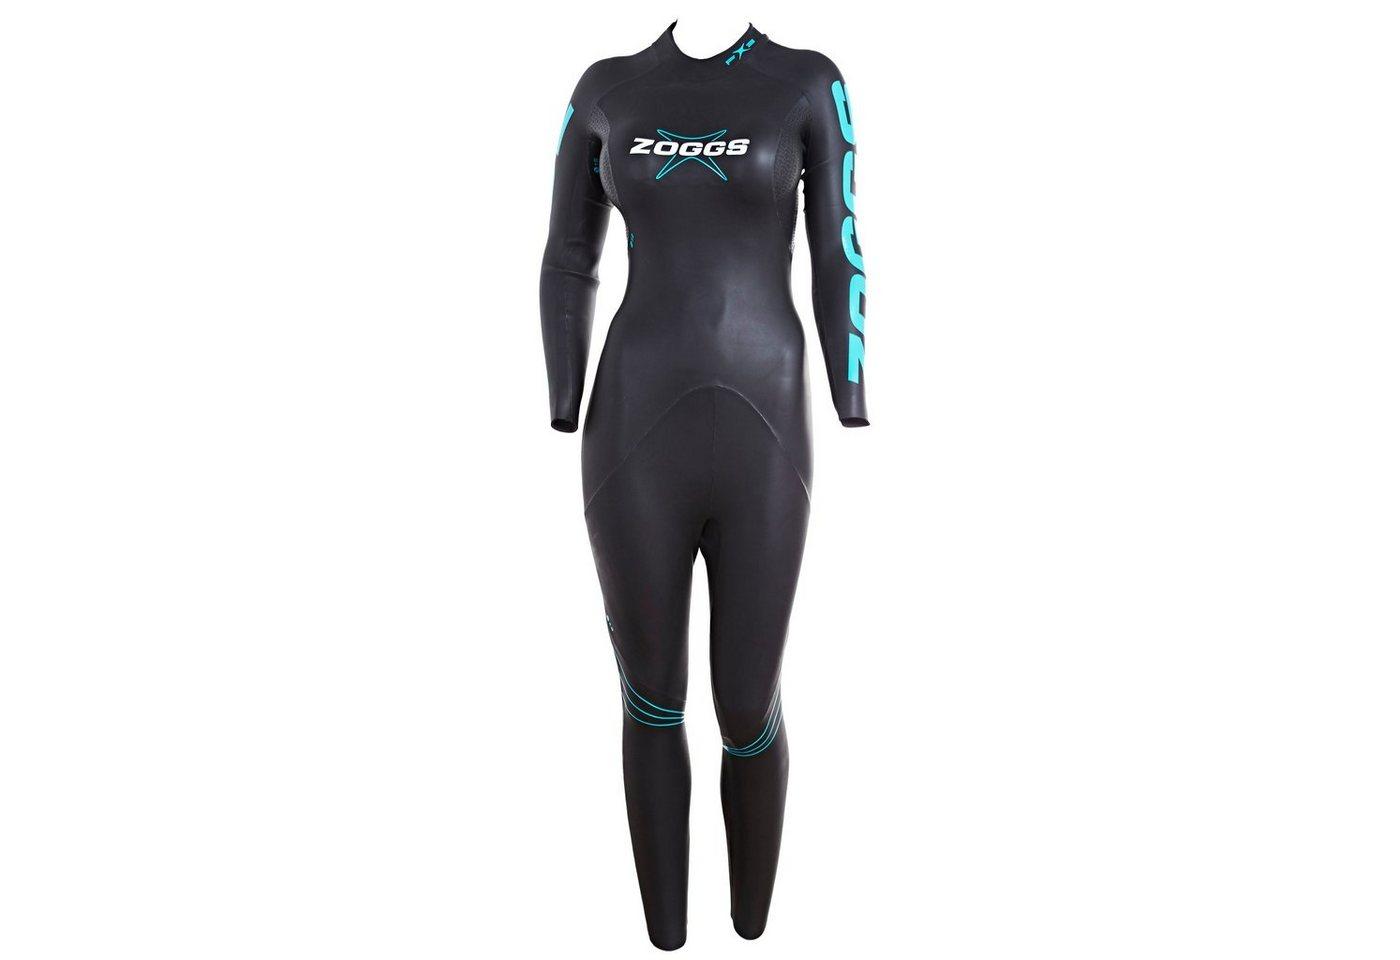 Zoggs Triathlonbekleidung...